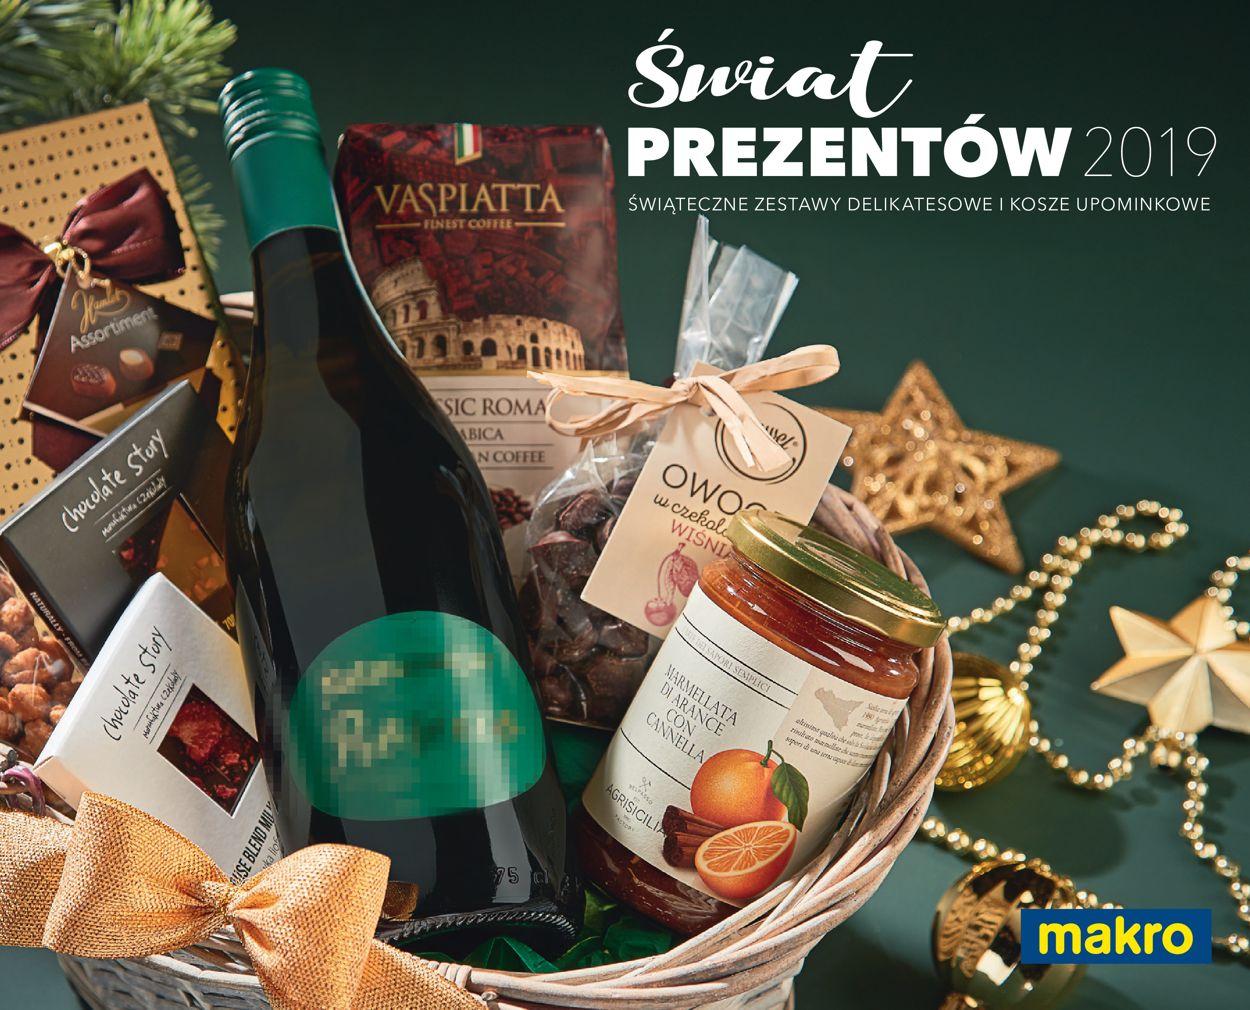 Gazetka promocyjna Makro - Gazetka Świąteczna 2019 - 14.10-24.12.2019